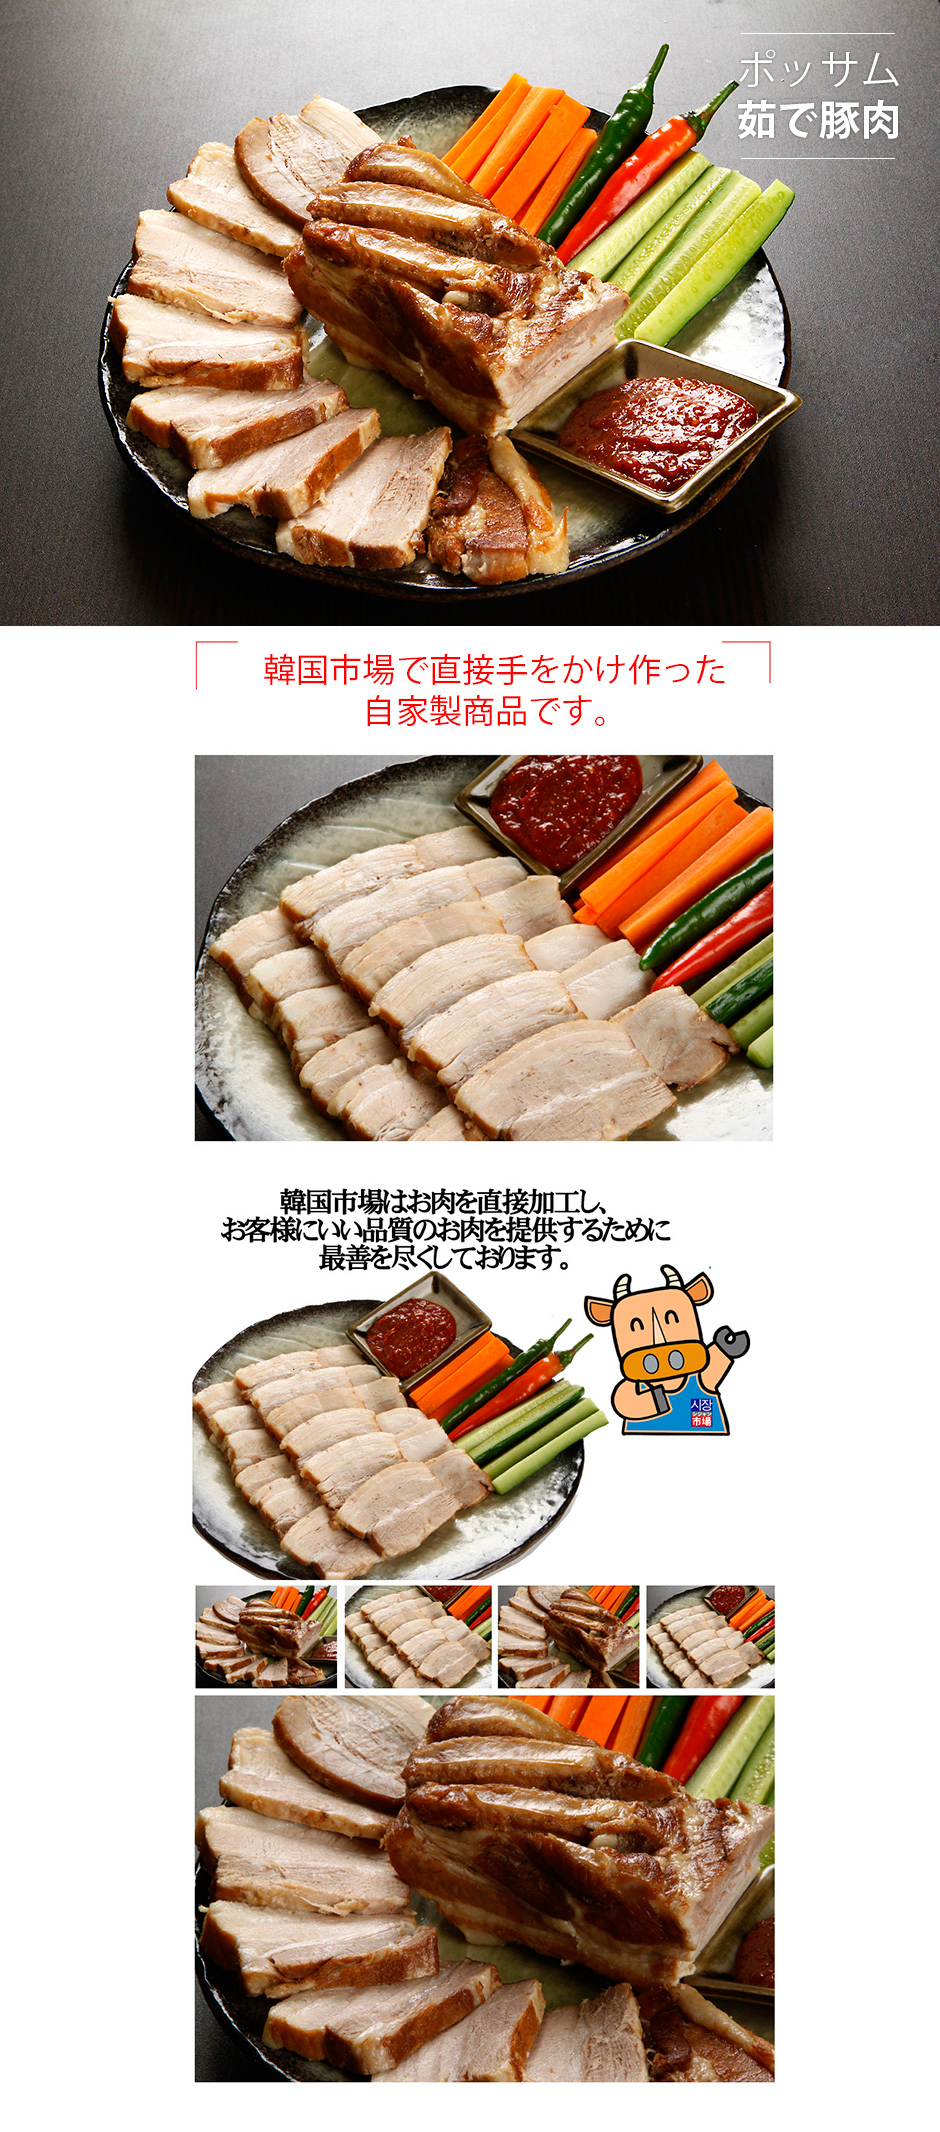 ポッサム水肉(ゆで豚肉)ブロック